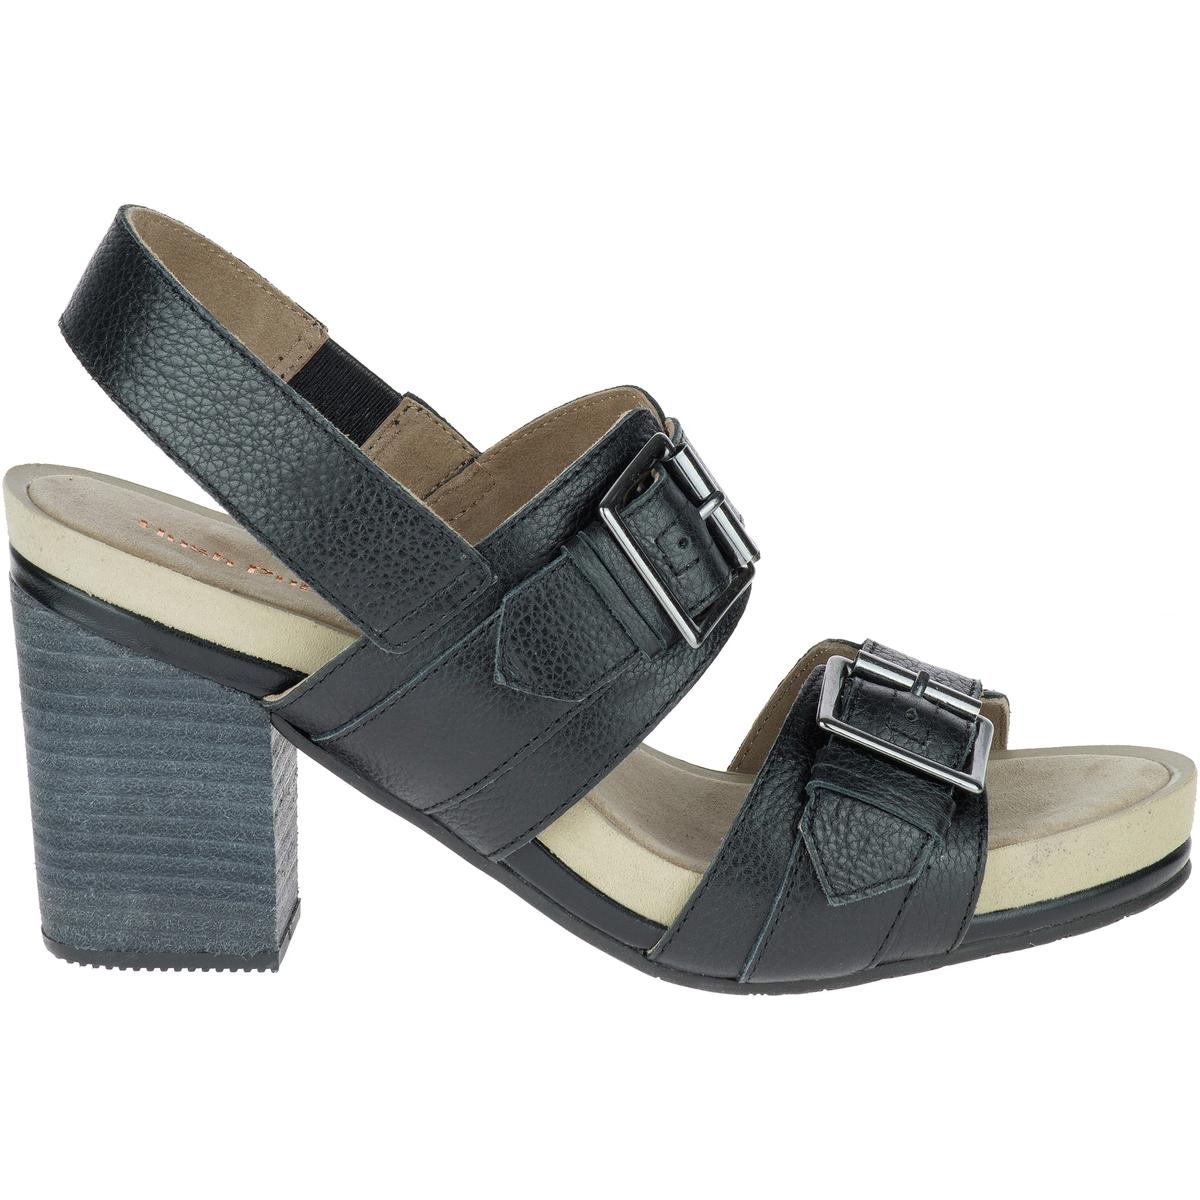 Босоножки кожаные LeonieВерх/Голенище : кожа  Подкладка : кожа  Стелька : кожа  Подошва : каучук  Высота каблука : 7 см  Форма каблука : широкий каблук  Мысок : закругленный мысок Застежка : пряжка<br><br>Цвет: черный<br>Размер: 39